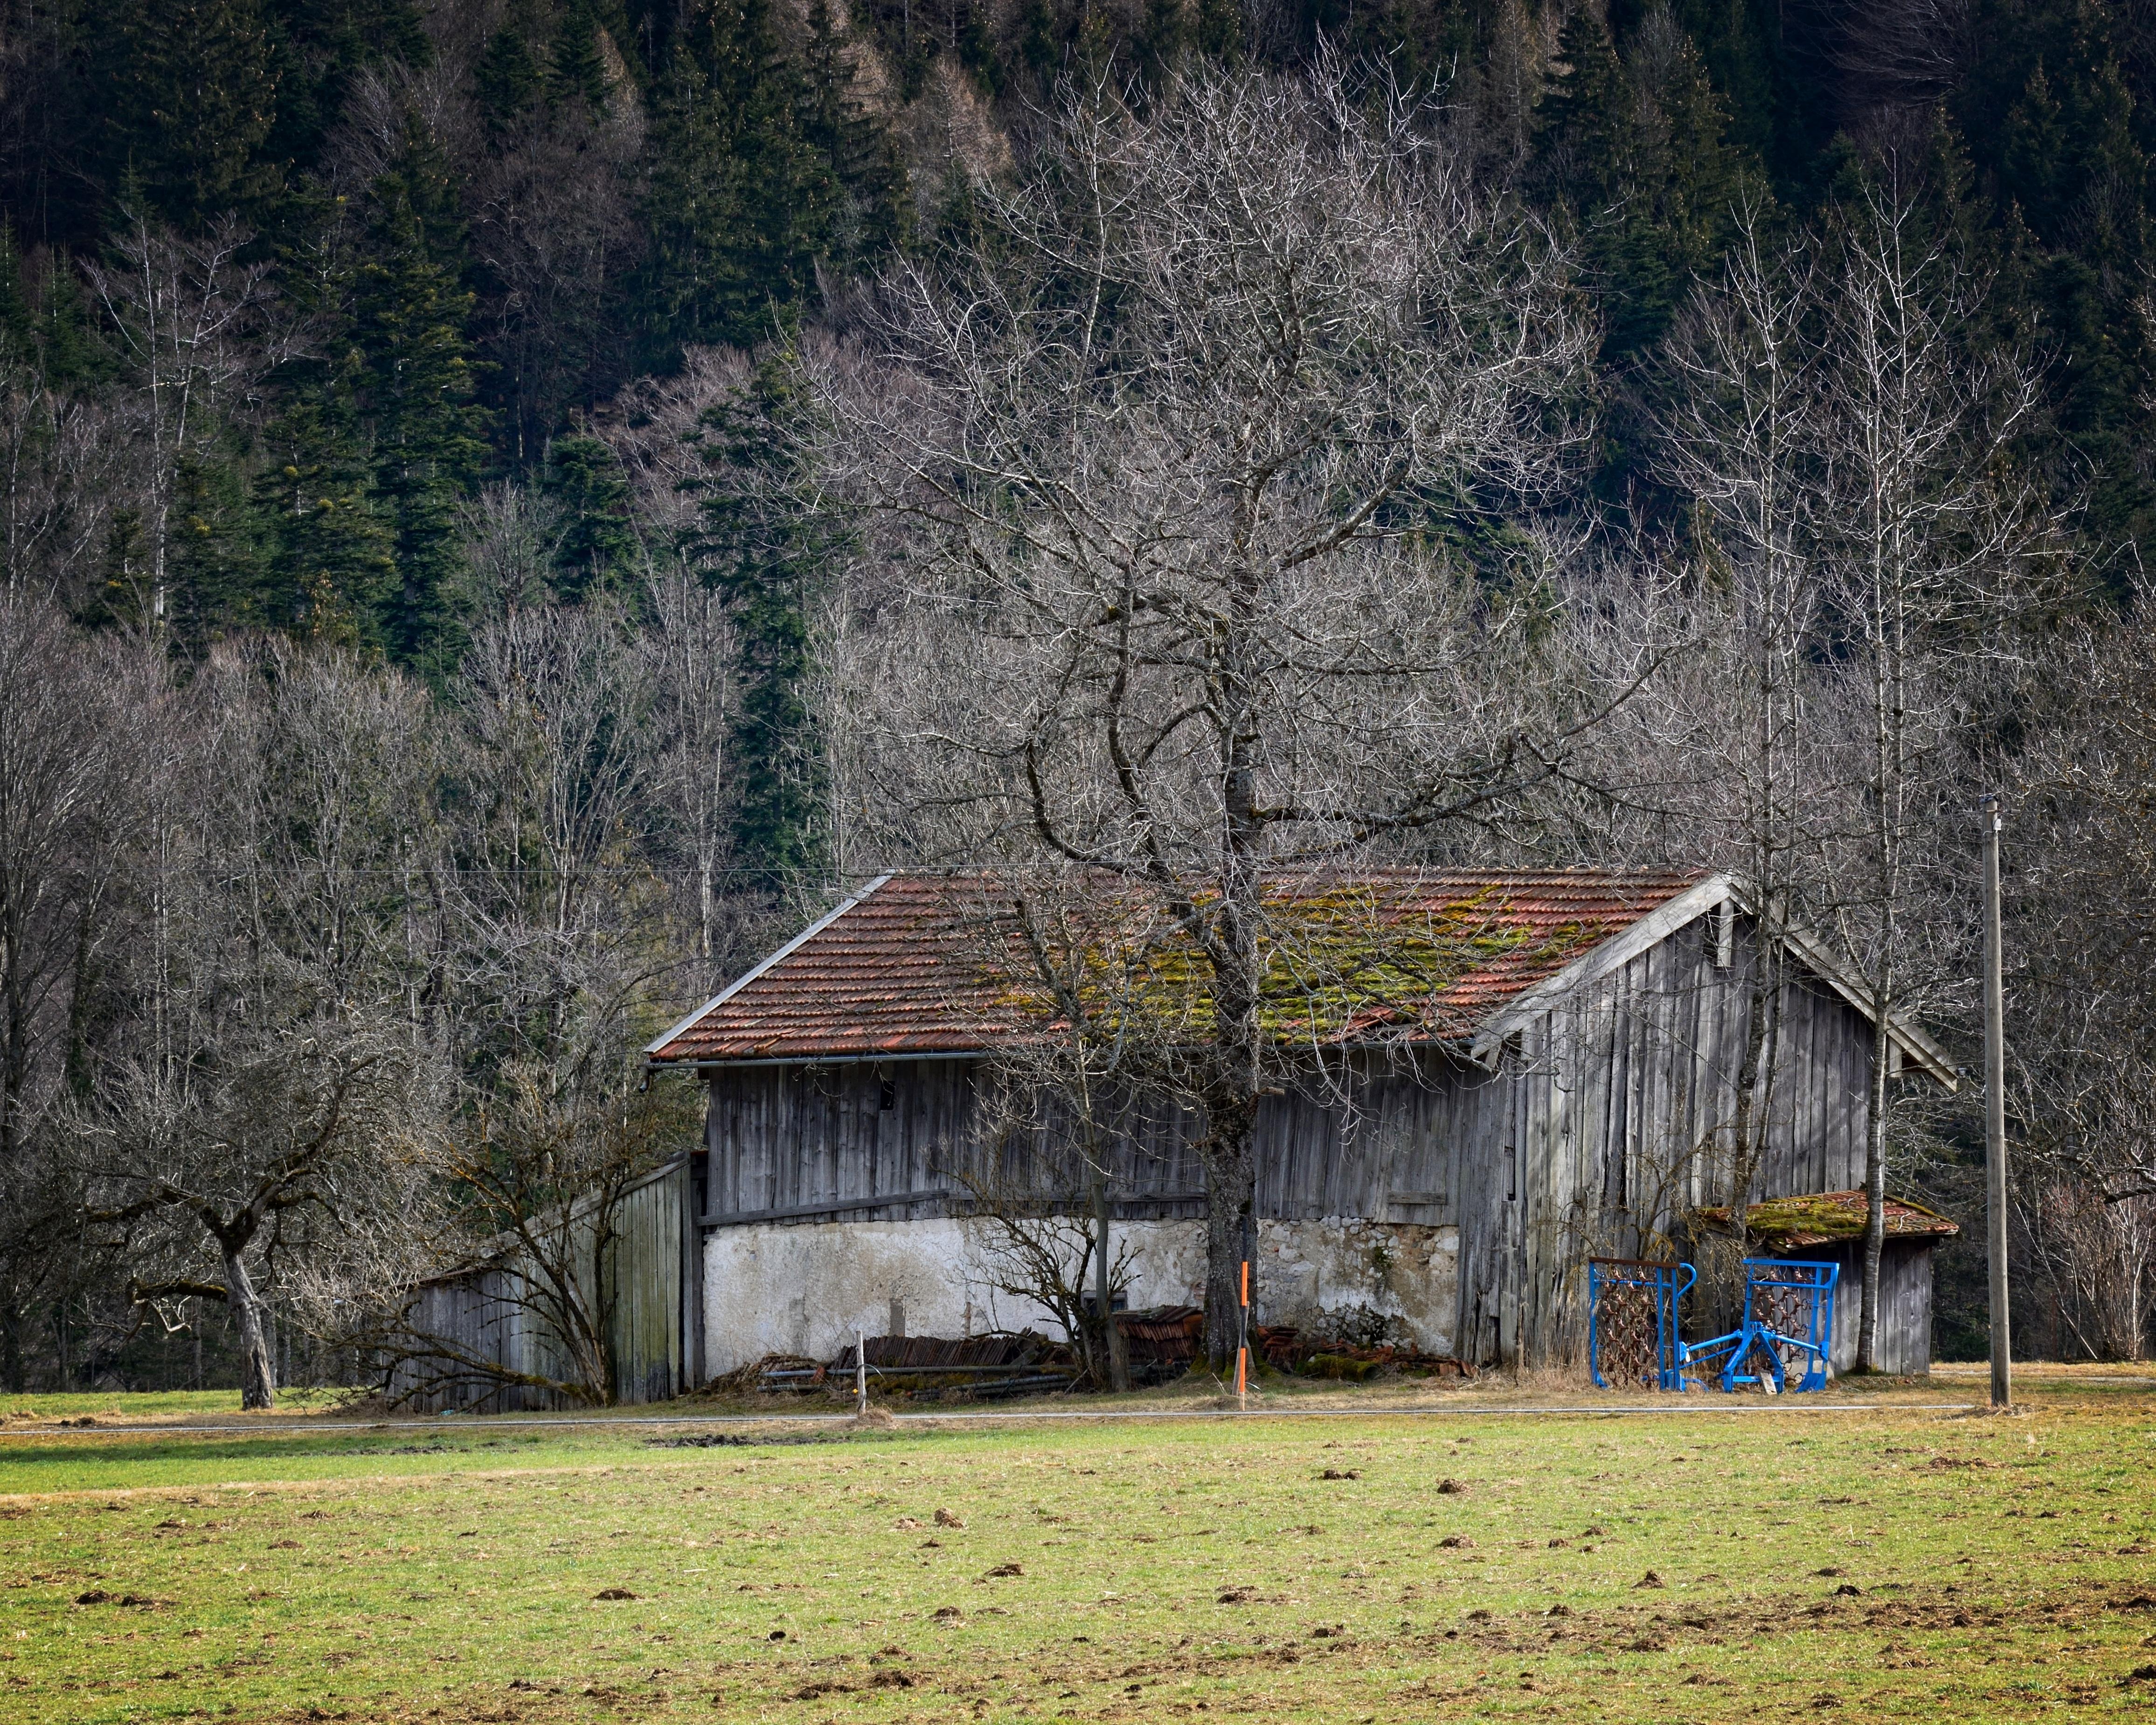 Kostenlose foto : Landschaft, Baum, Natur, Bauernhof, Wiese, Haus ...